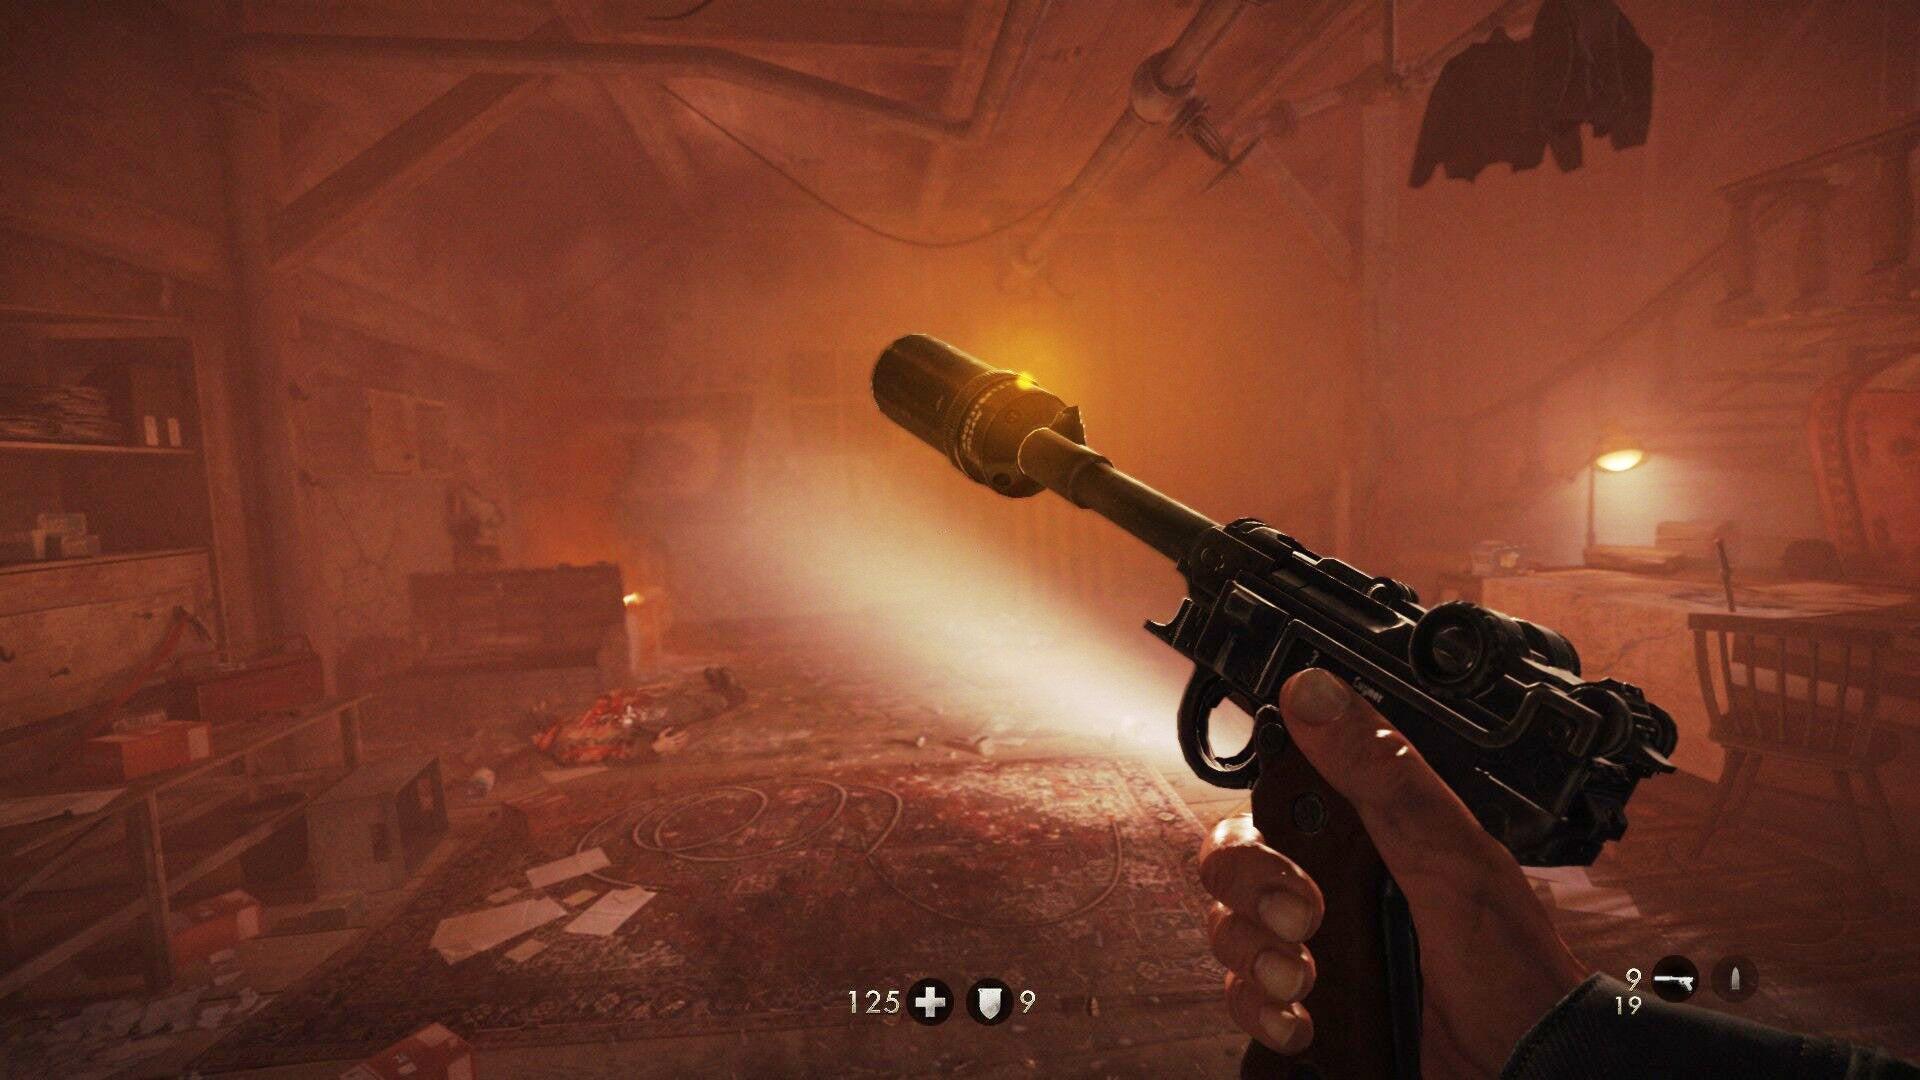 The Best Video Game Handguns